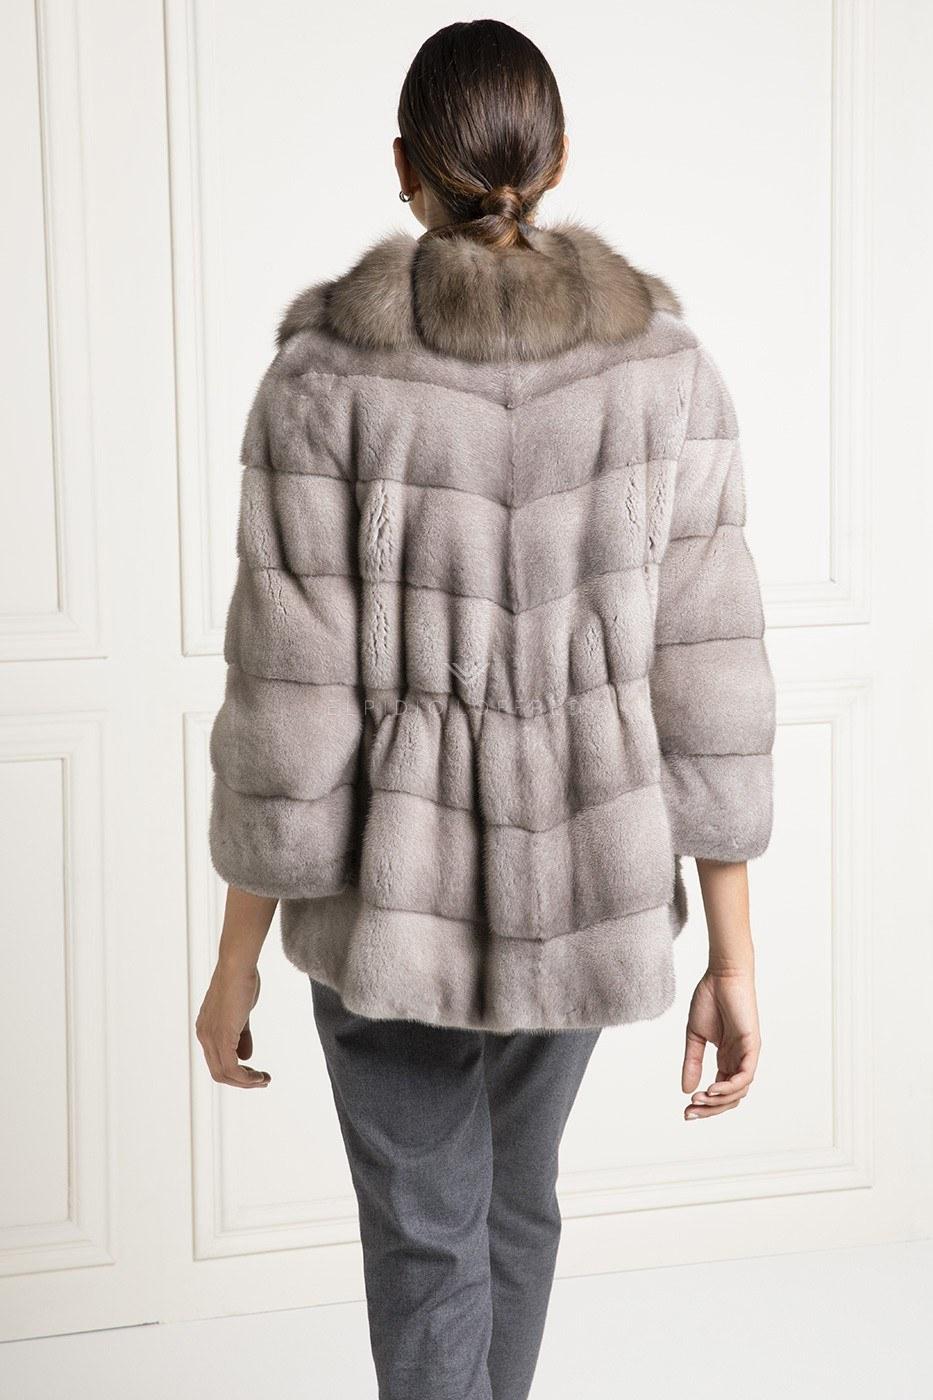 Giacca di Visone Silverblue con Zibellino - Lunghezza 70 cm